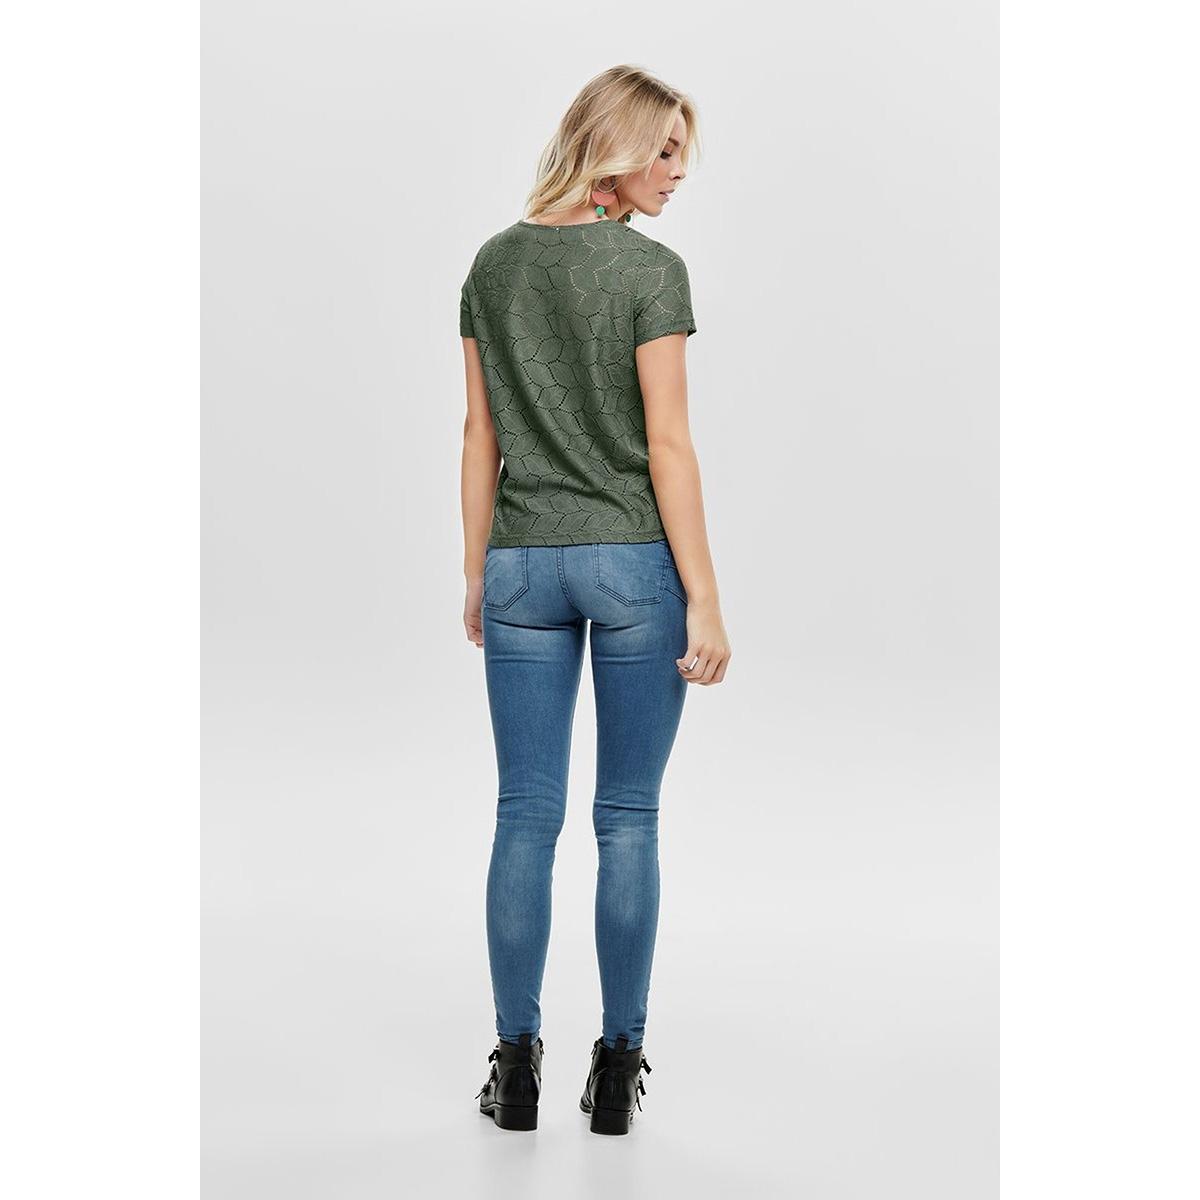 jdytag s/s lace top jrs rpt2 noos 15152331 jacqueline de yong t-shirt castor gray